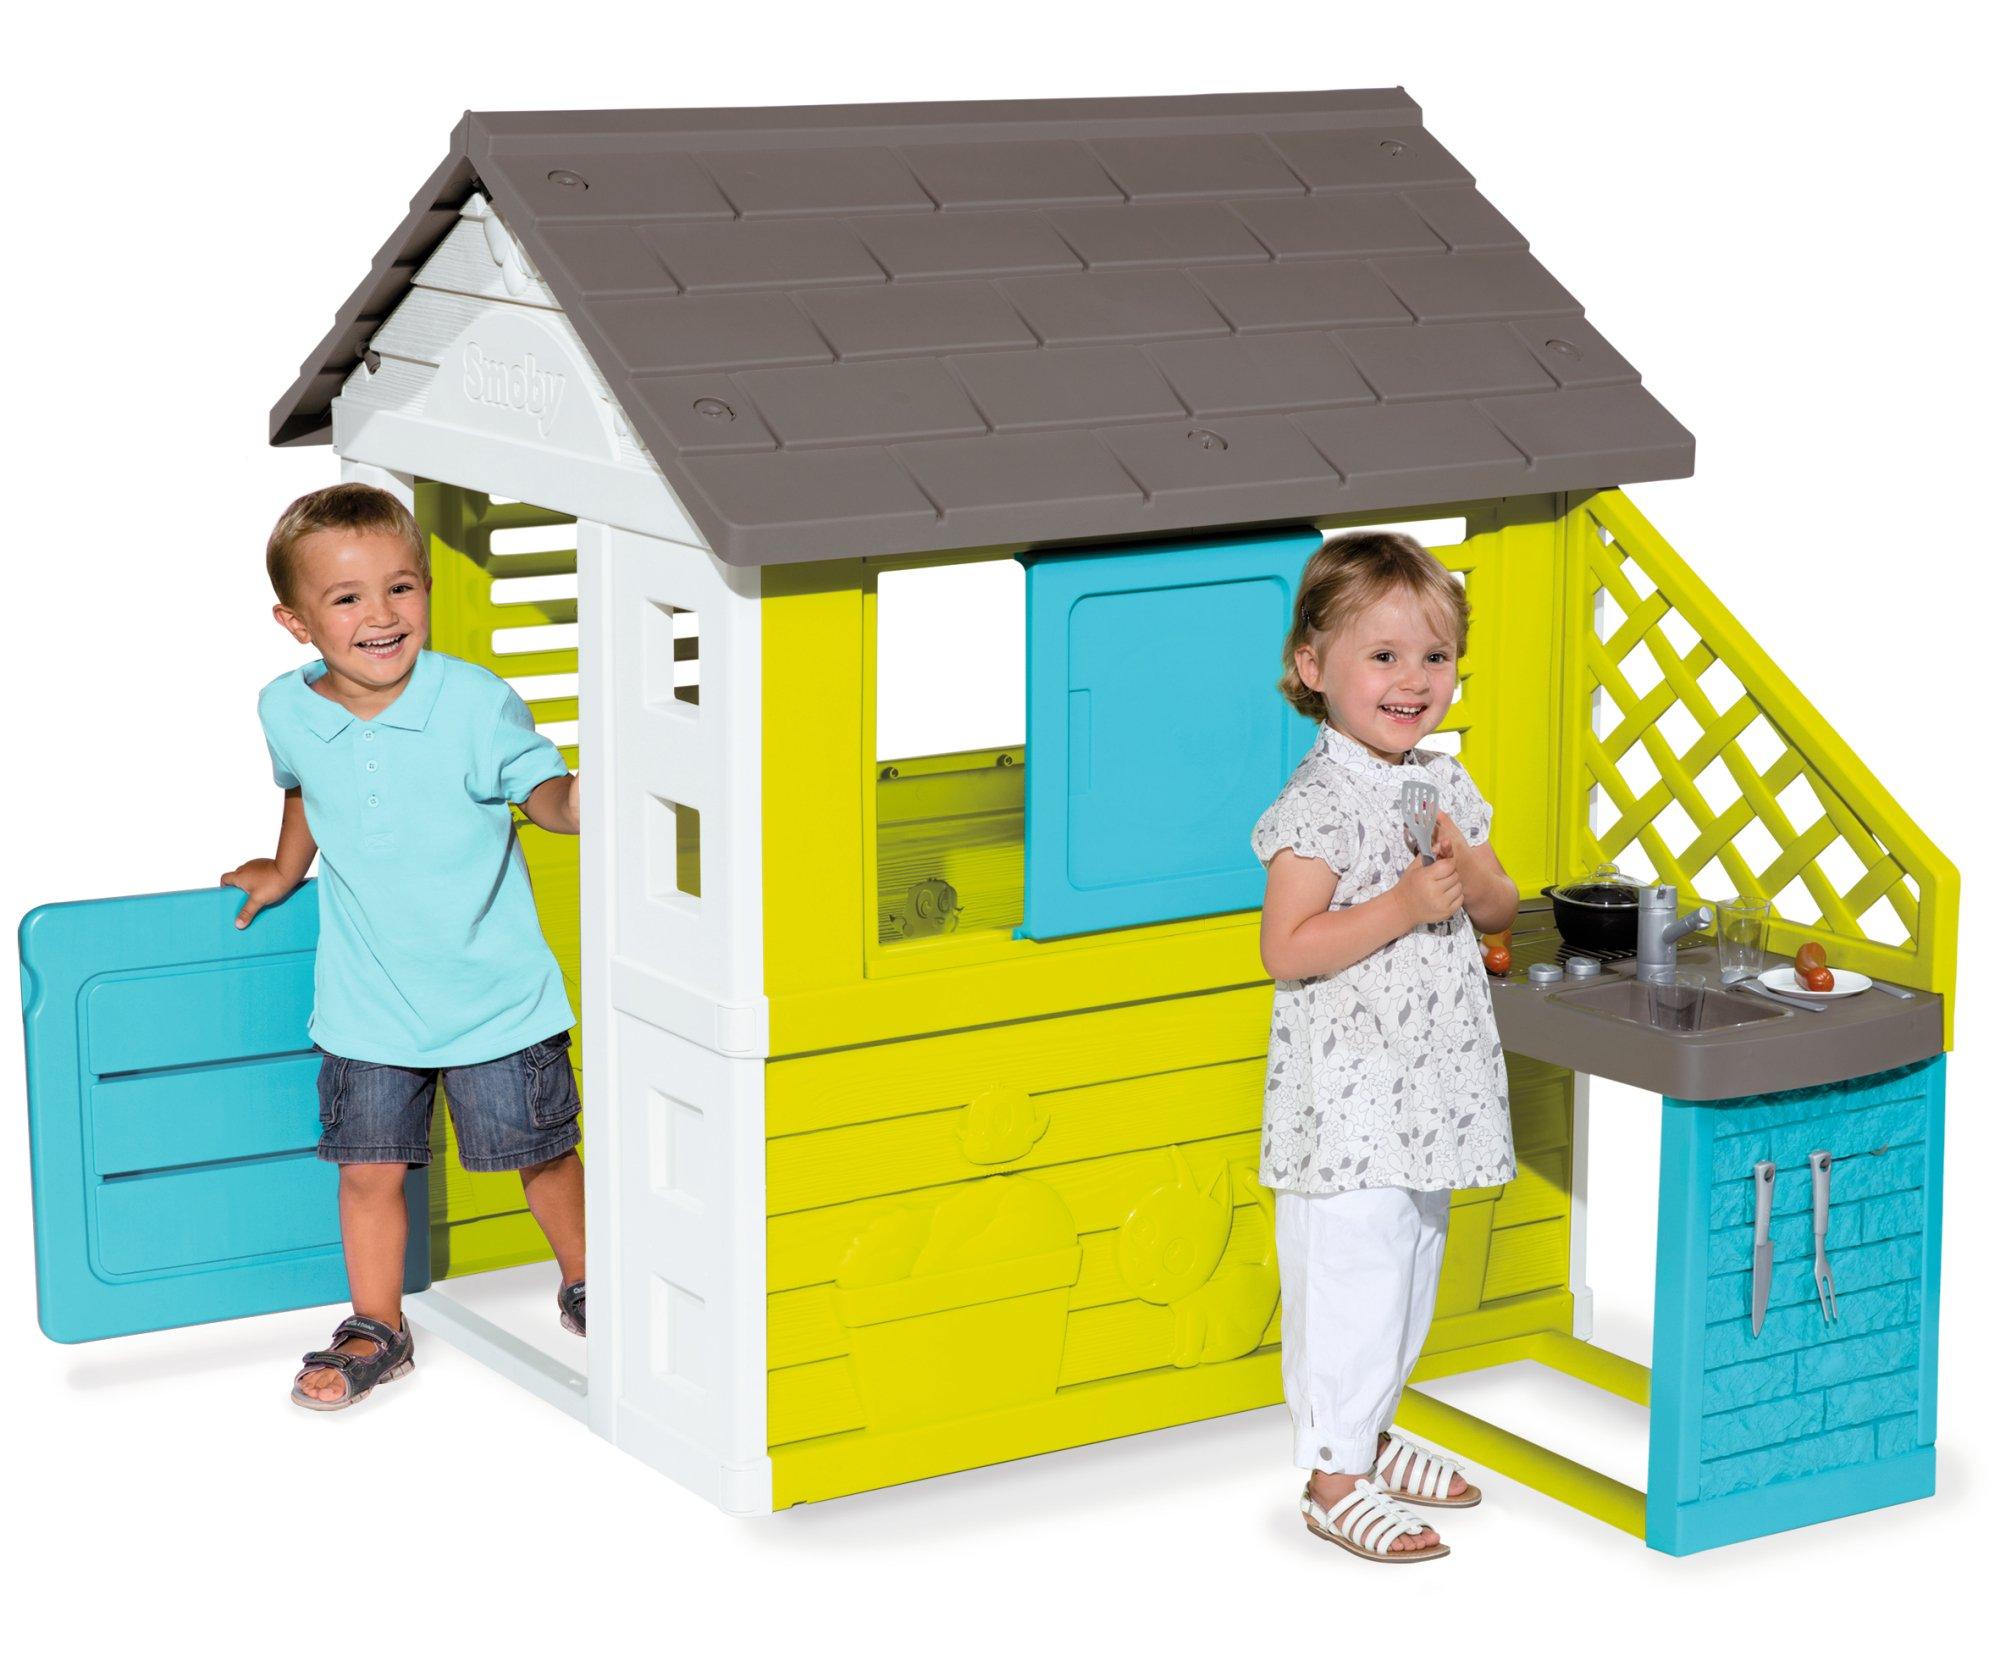 Smoby - 810703 - Jeu Plein Air -  Maison Pretty avec Cuisine product image